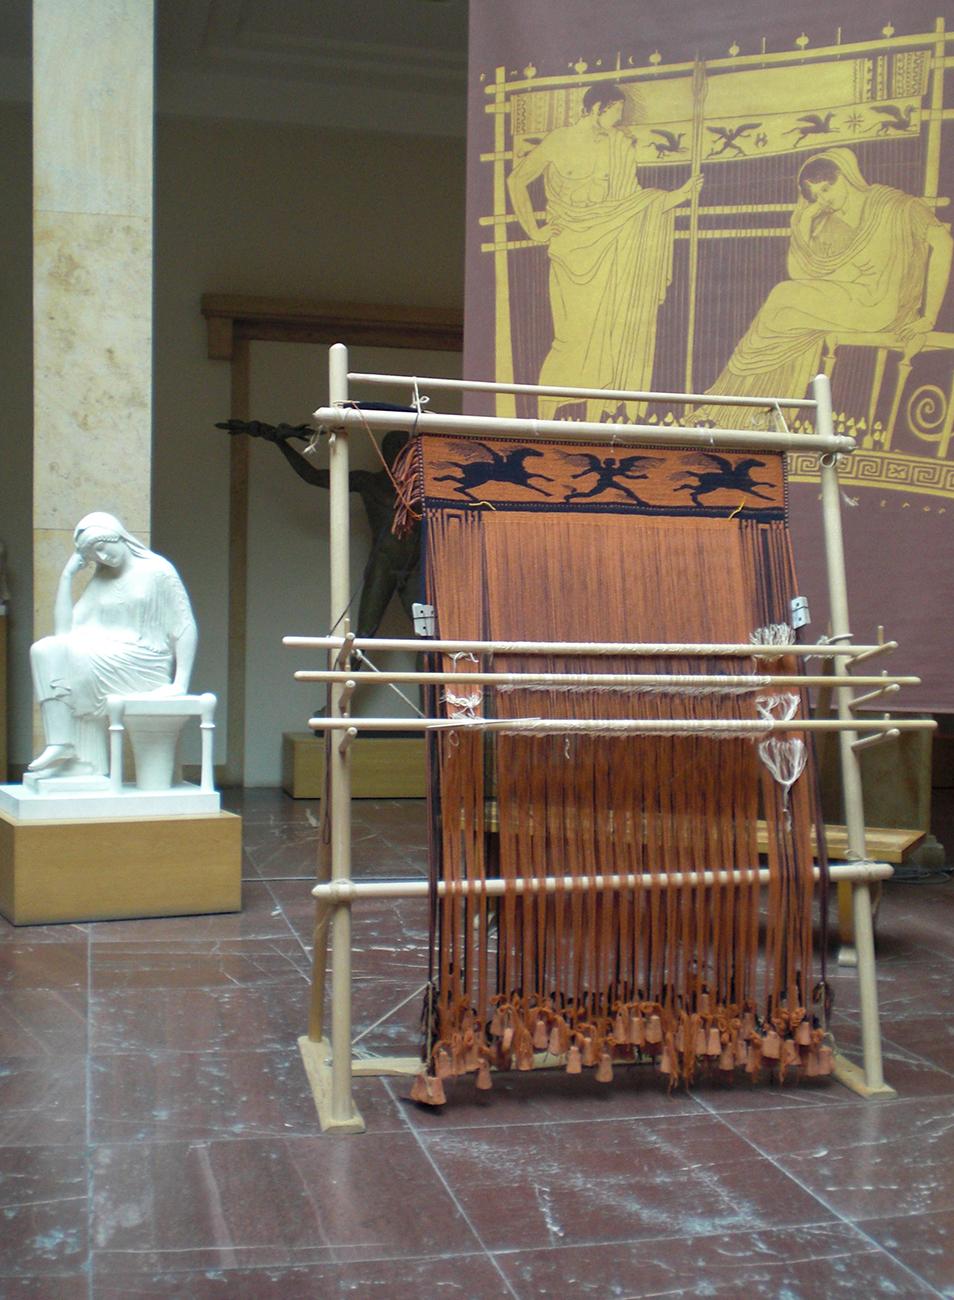 Penelope's loom